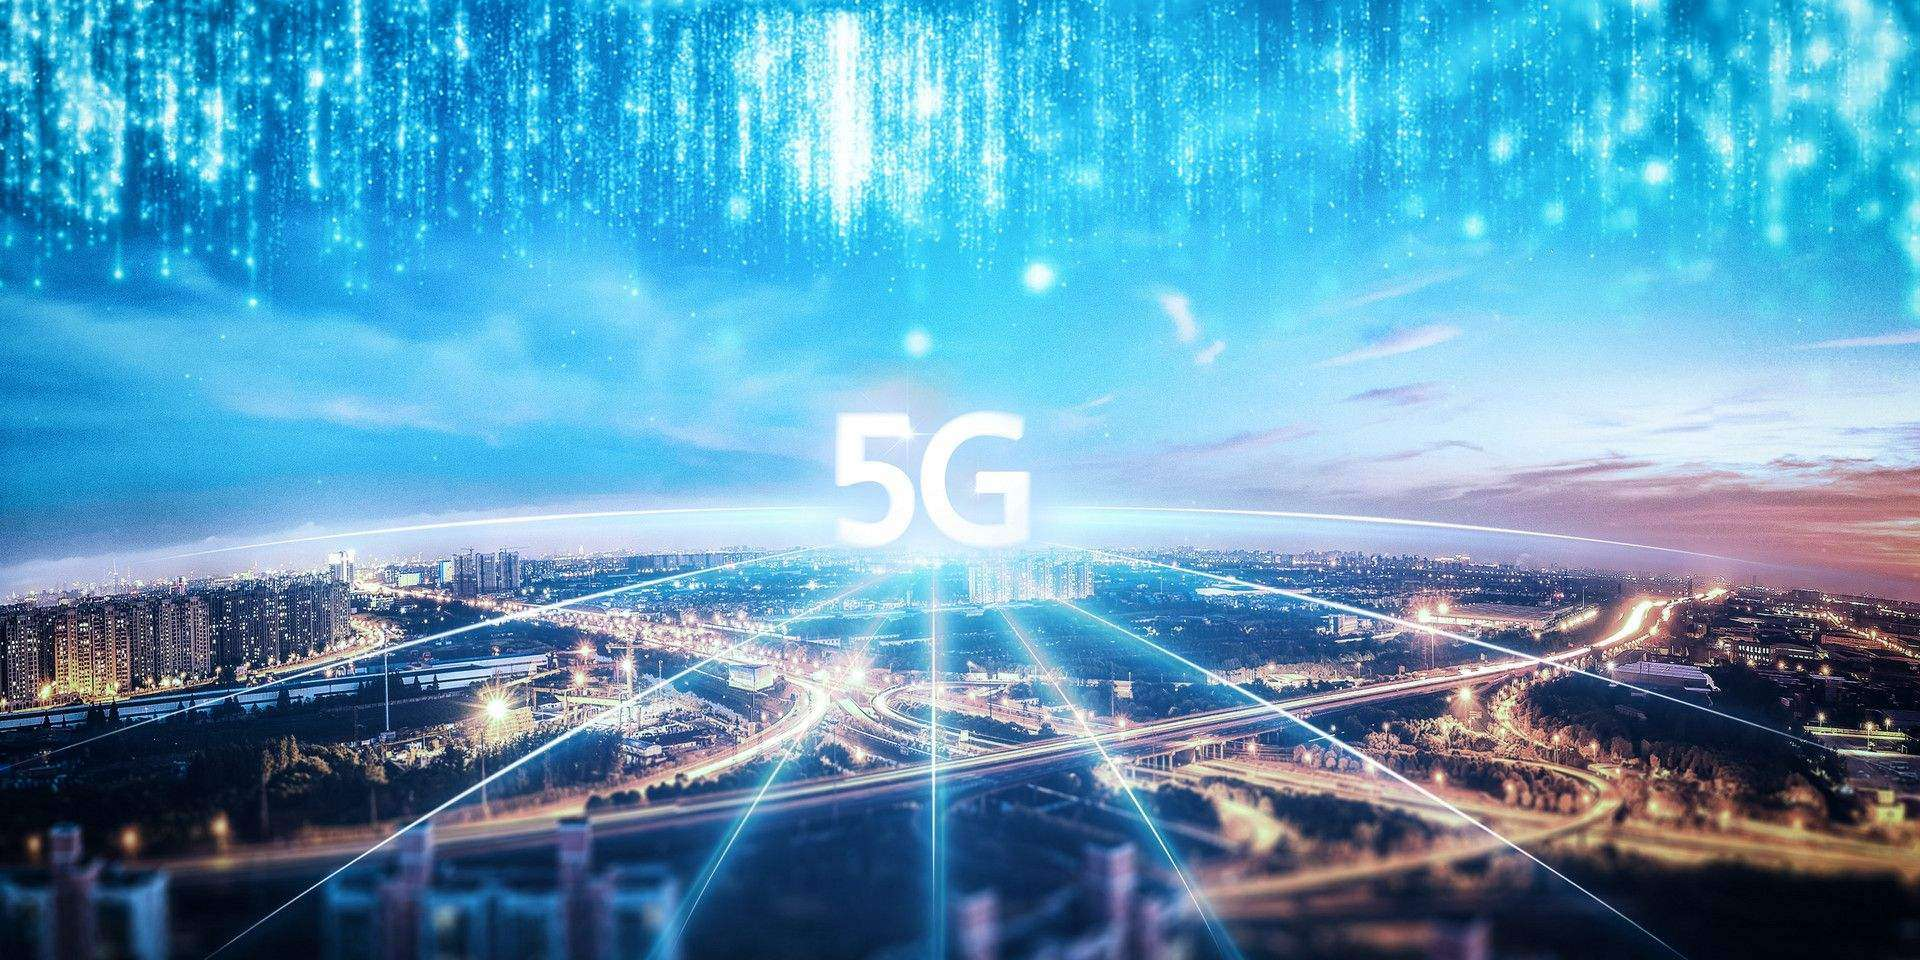 洪山将投120亿元建5G智慧港